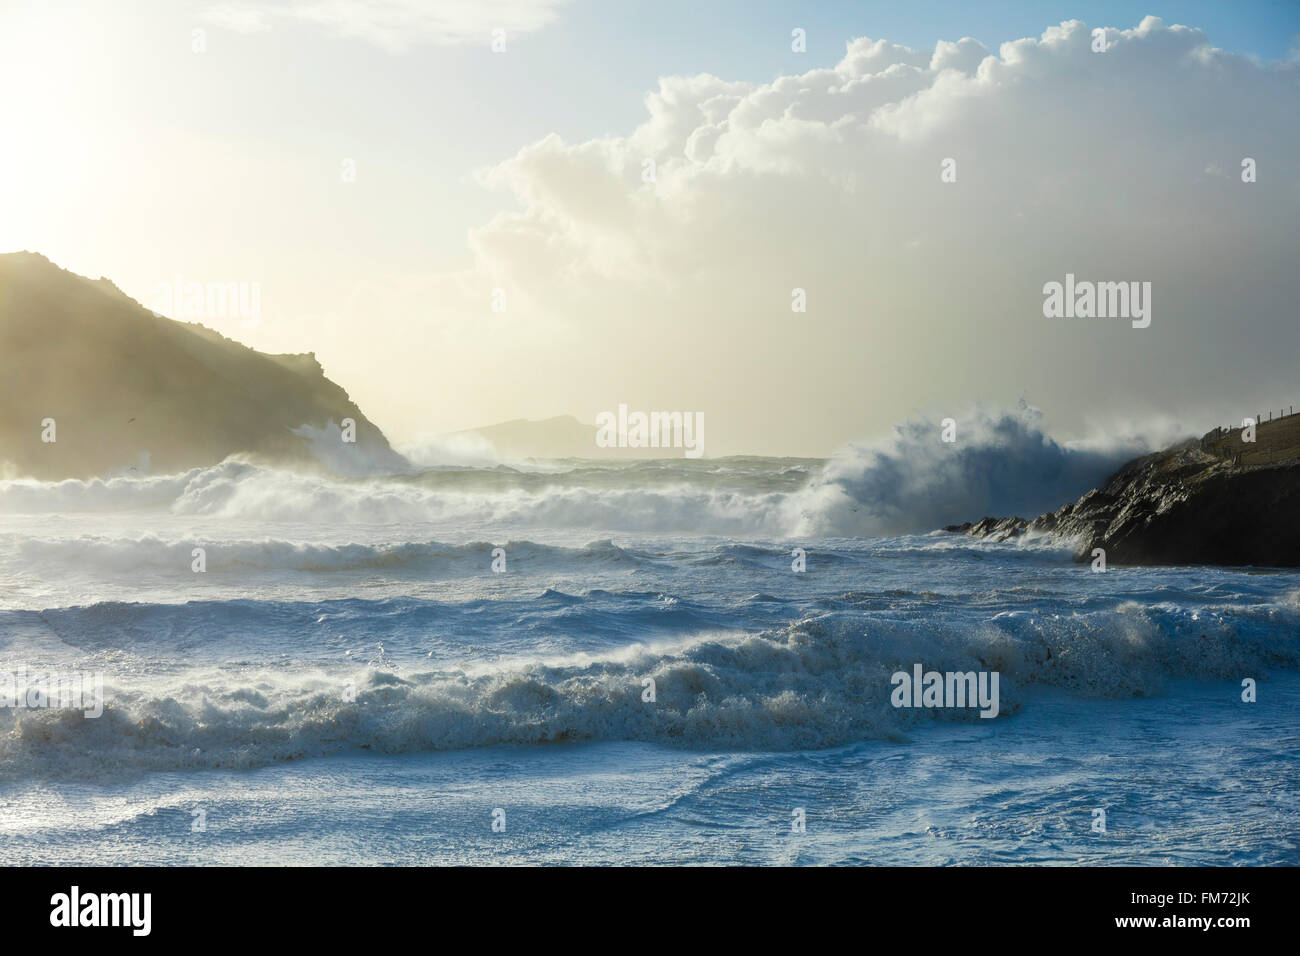 Vagues de tempête dans la baie de Clogher, péninsule de Dingle, comté de Kerry, Irlande. Photo Stock